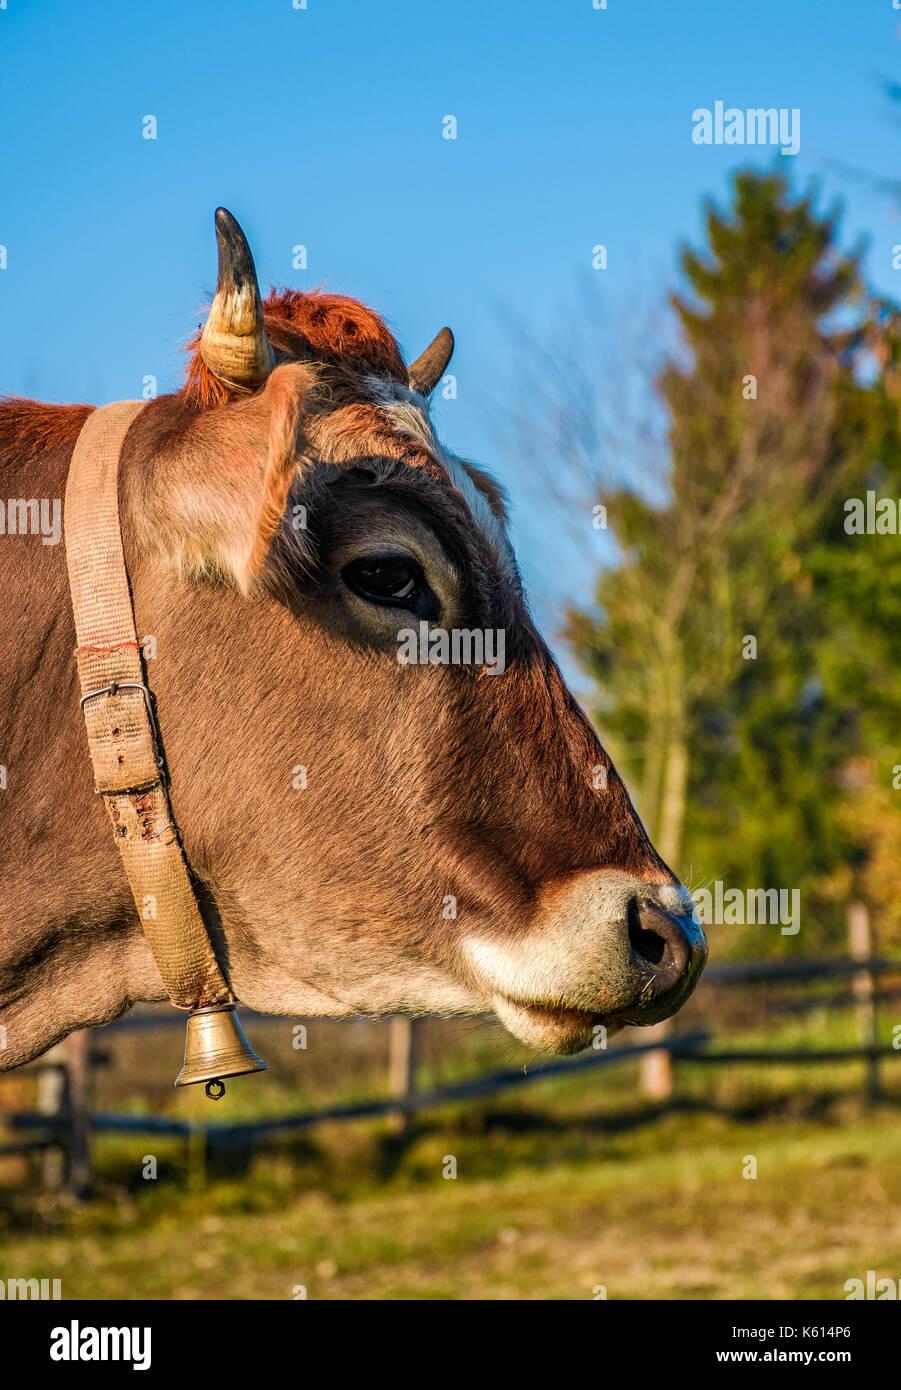 Portrait de vache roux dans la lumière du matin d'automne. Joli épisode quotidien de la vie rurale Photo Stock